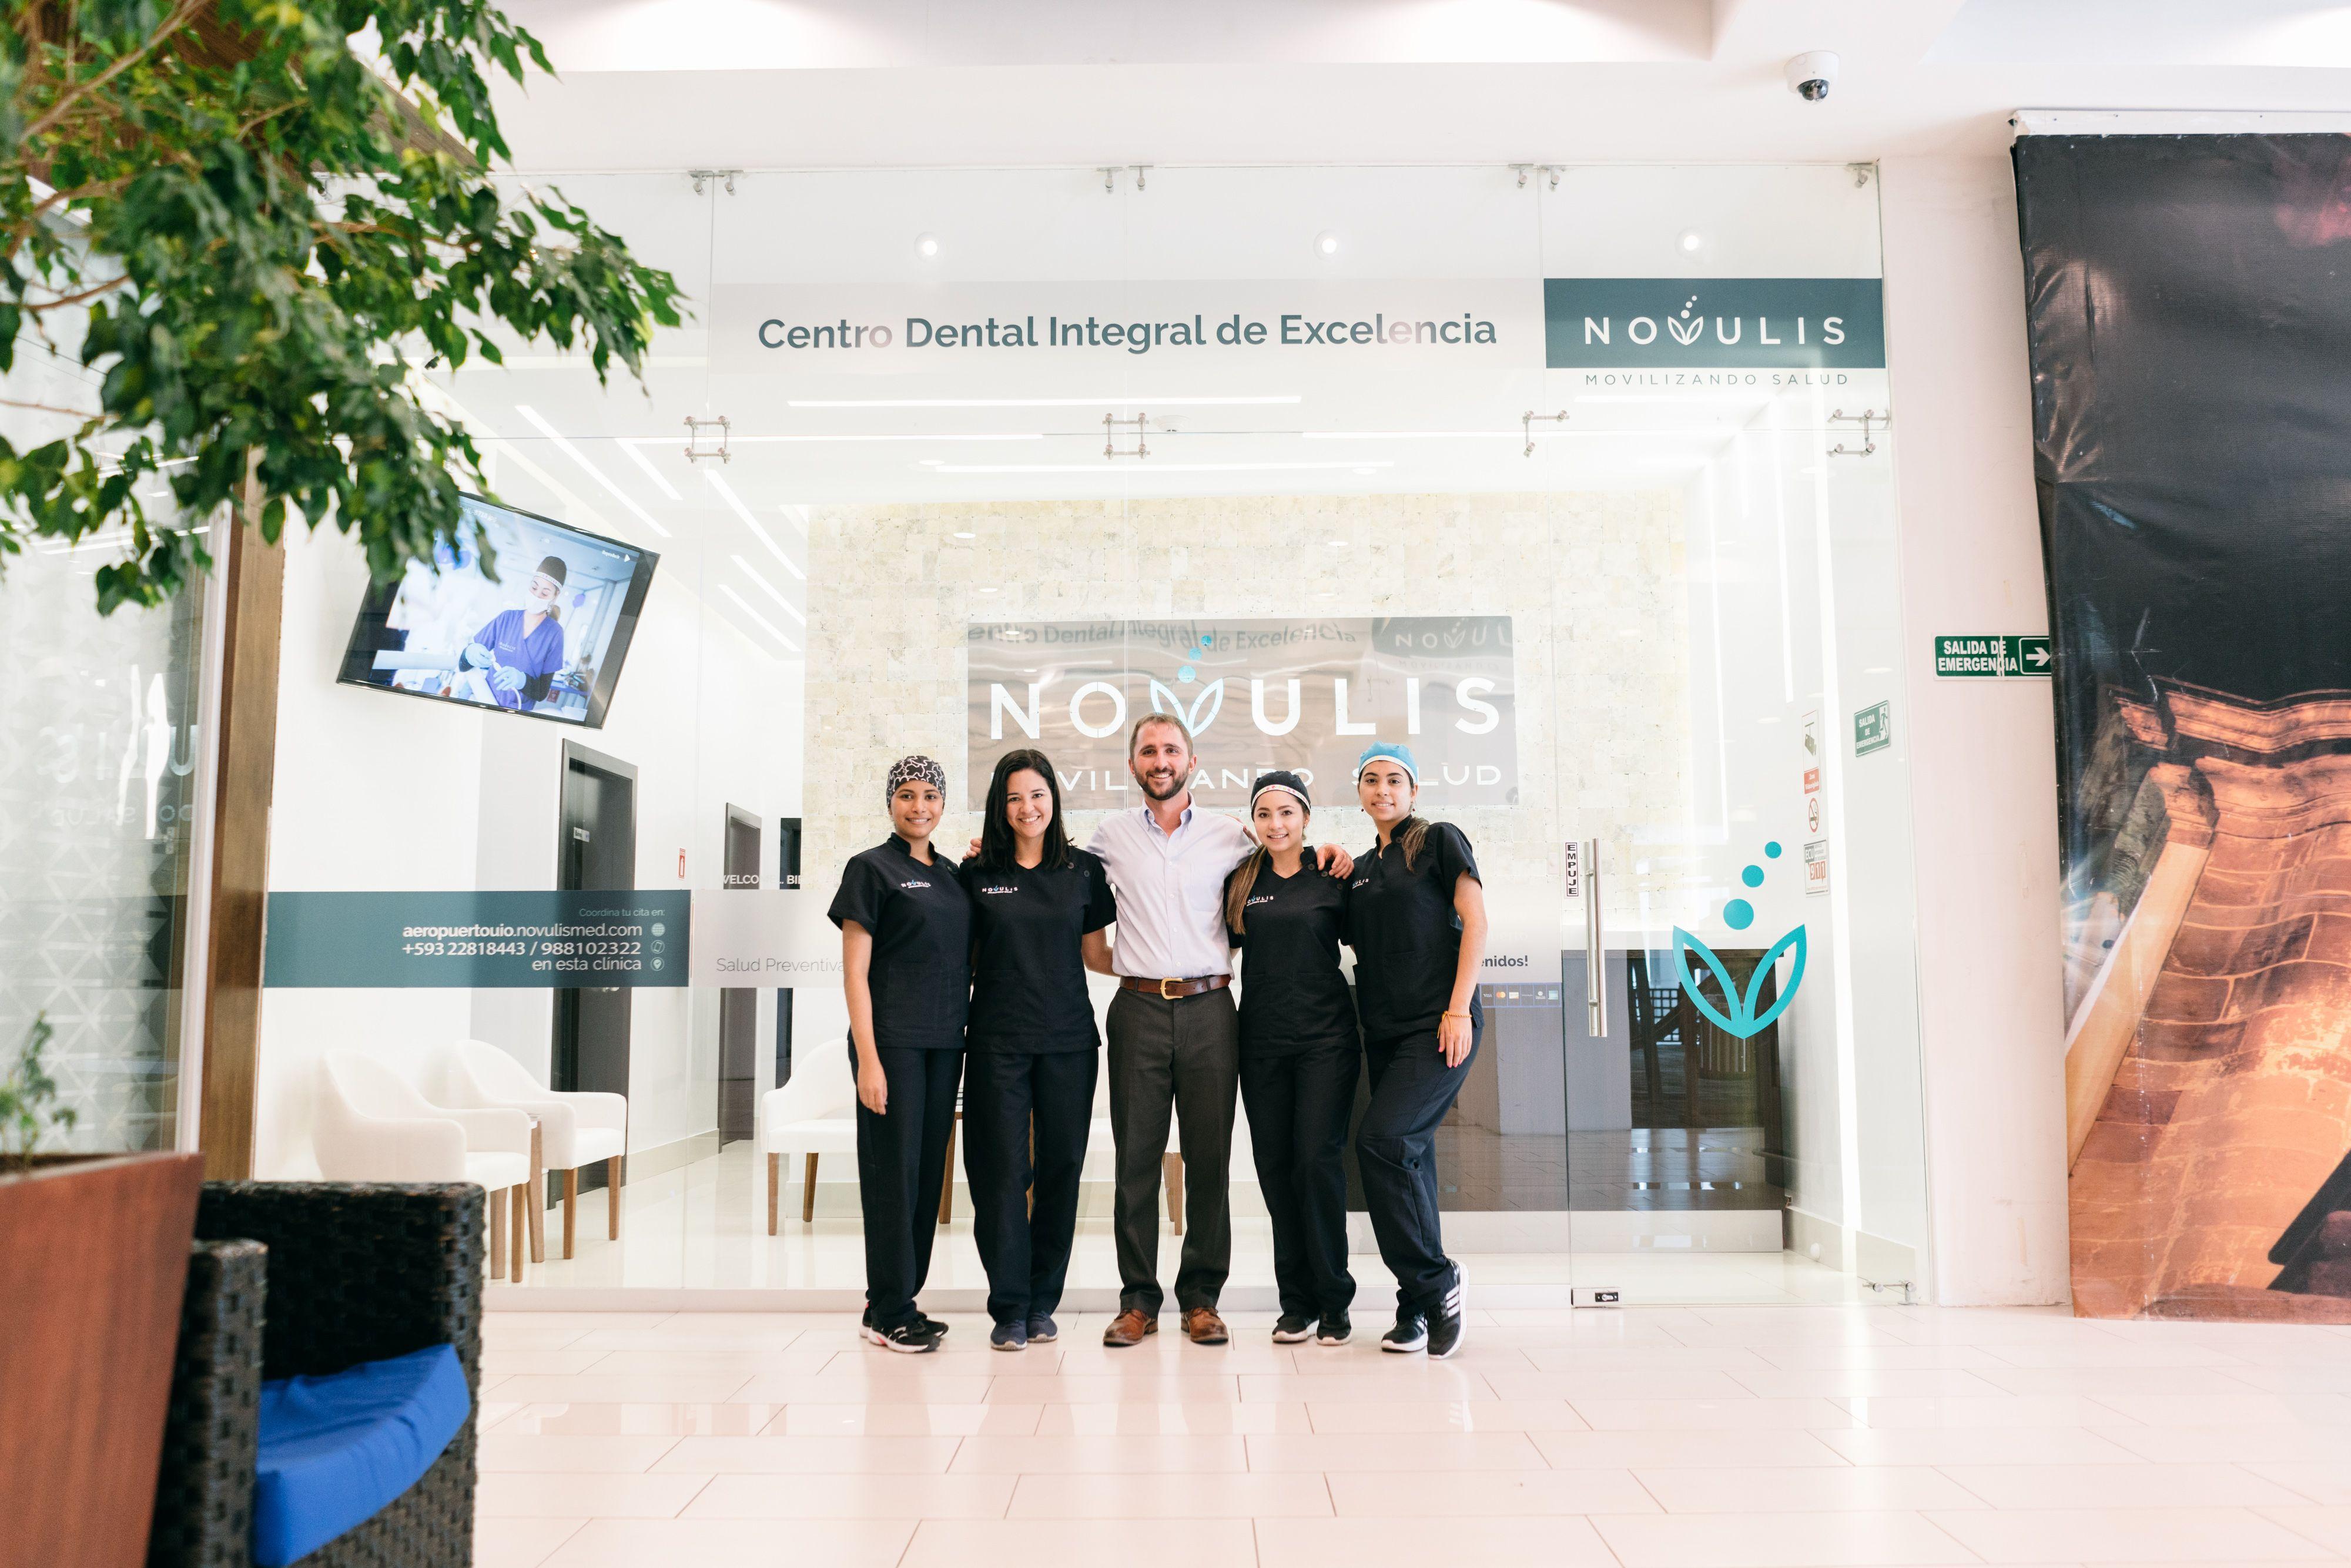 Novulis Dental